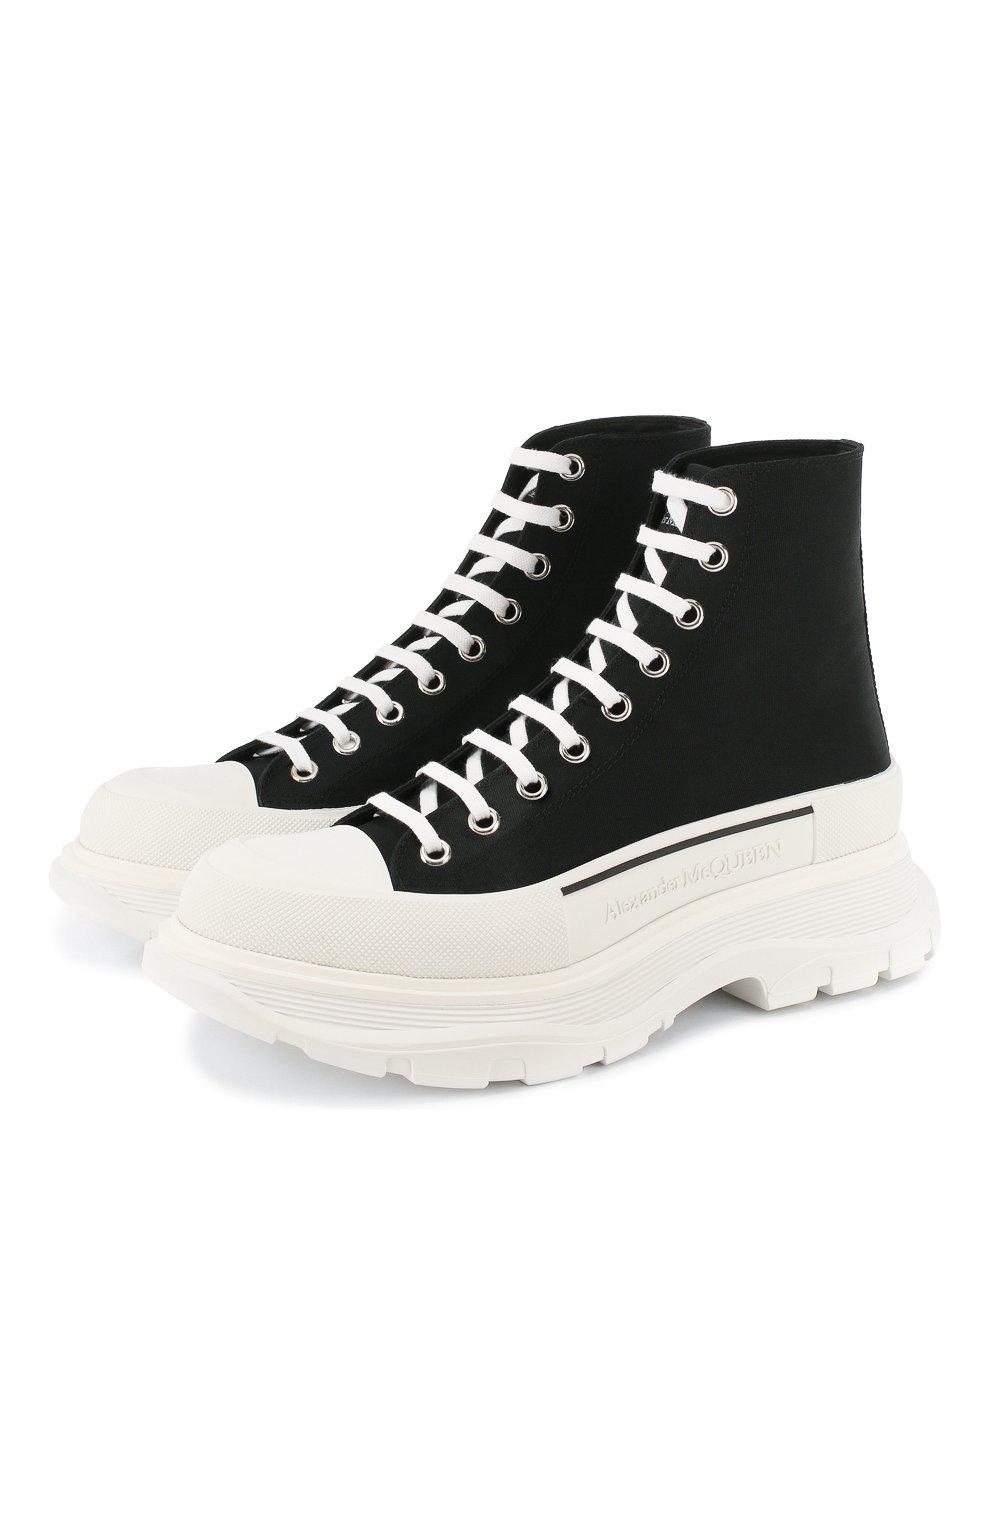 Текстильные ботинки Tread Slick | Фото №1